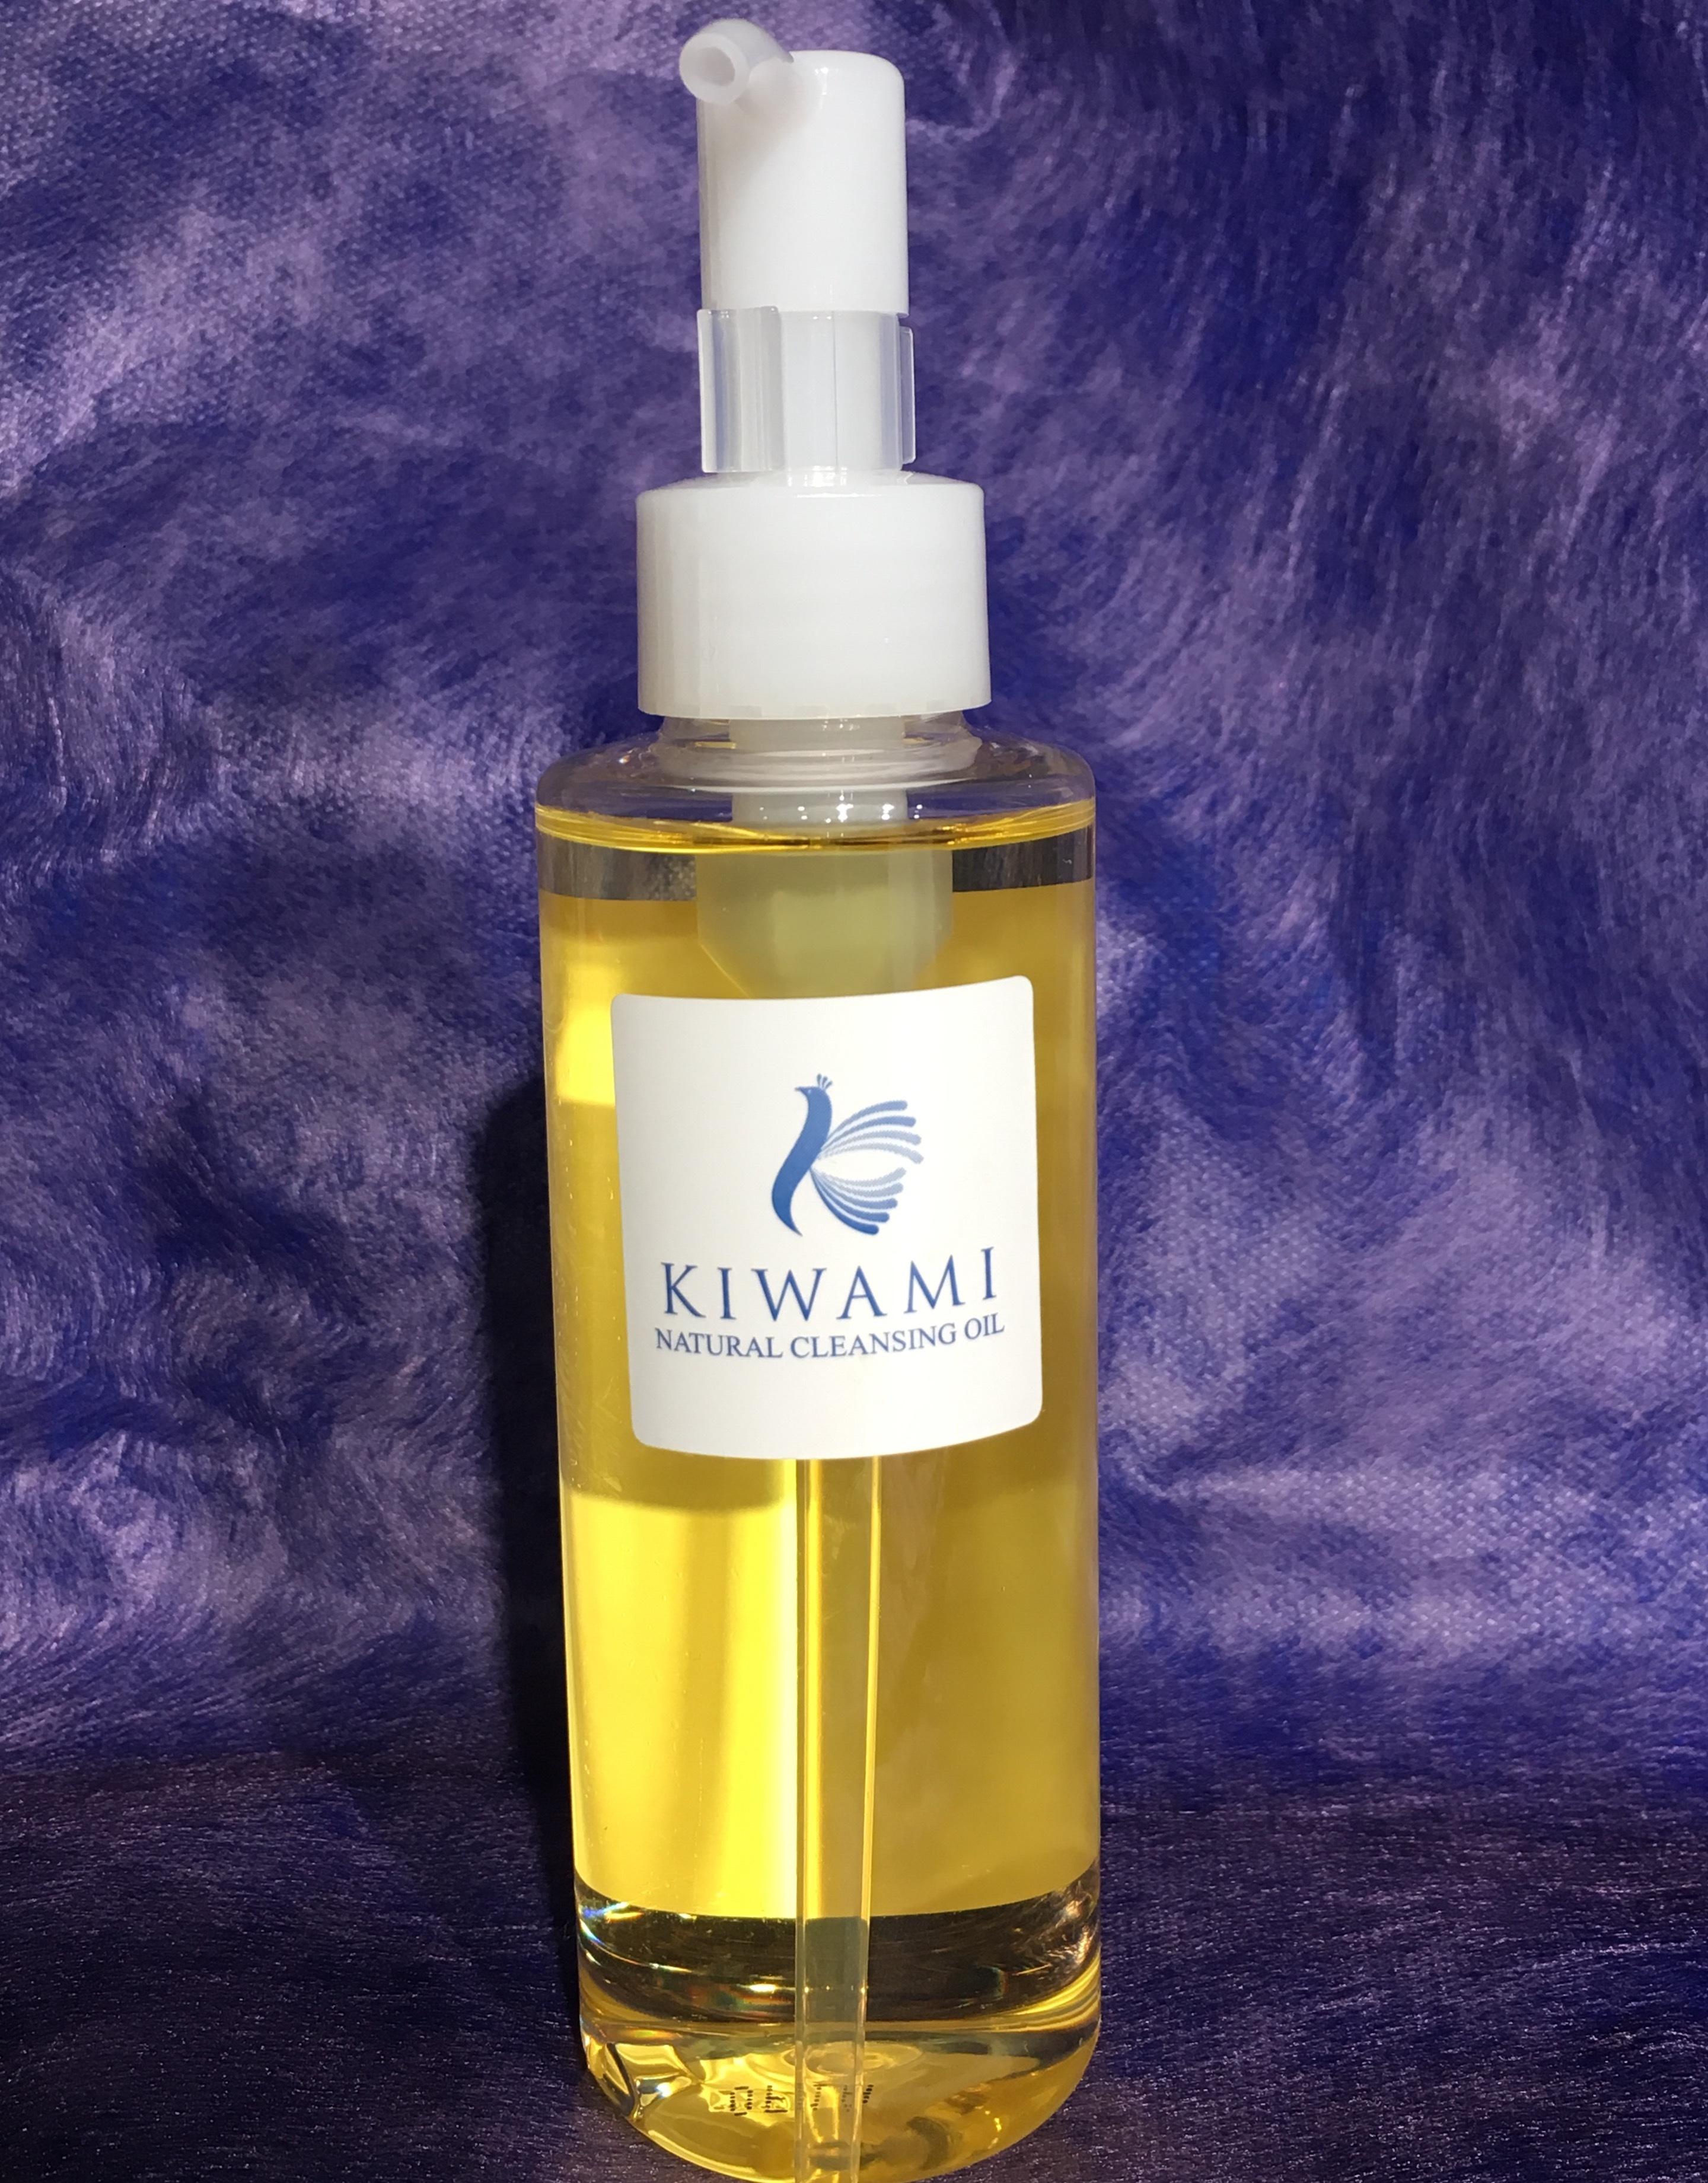 KIWAMI NATURAL CLEANSING OIL (150ml)